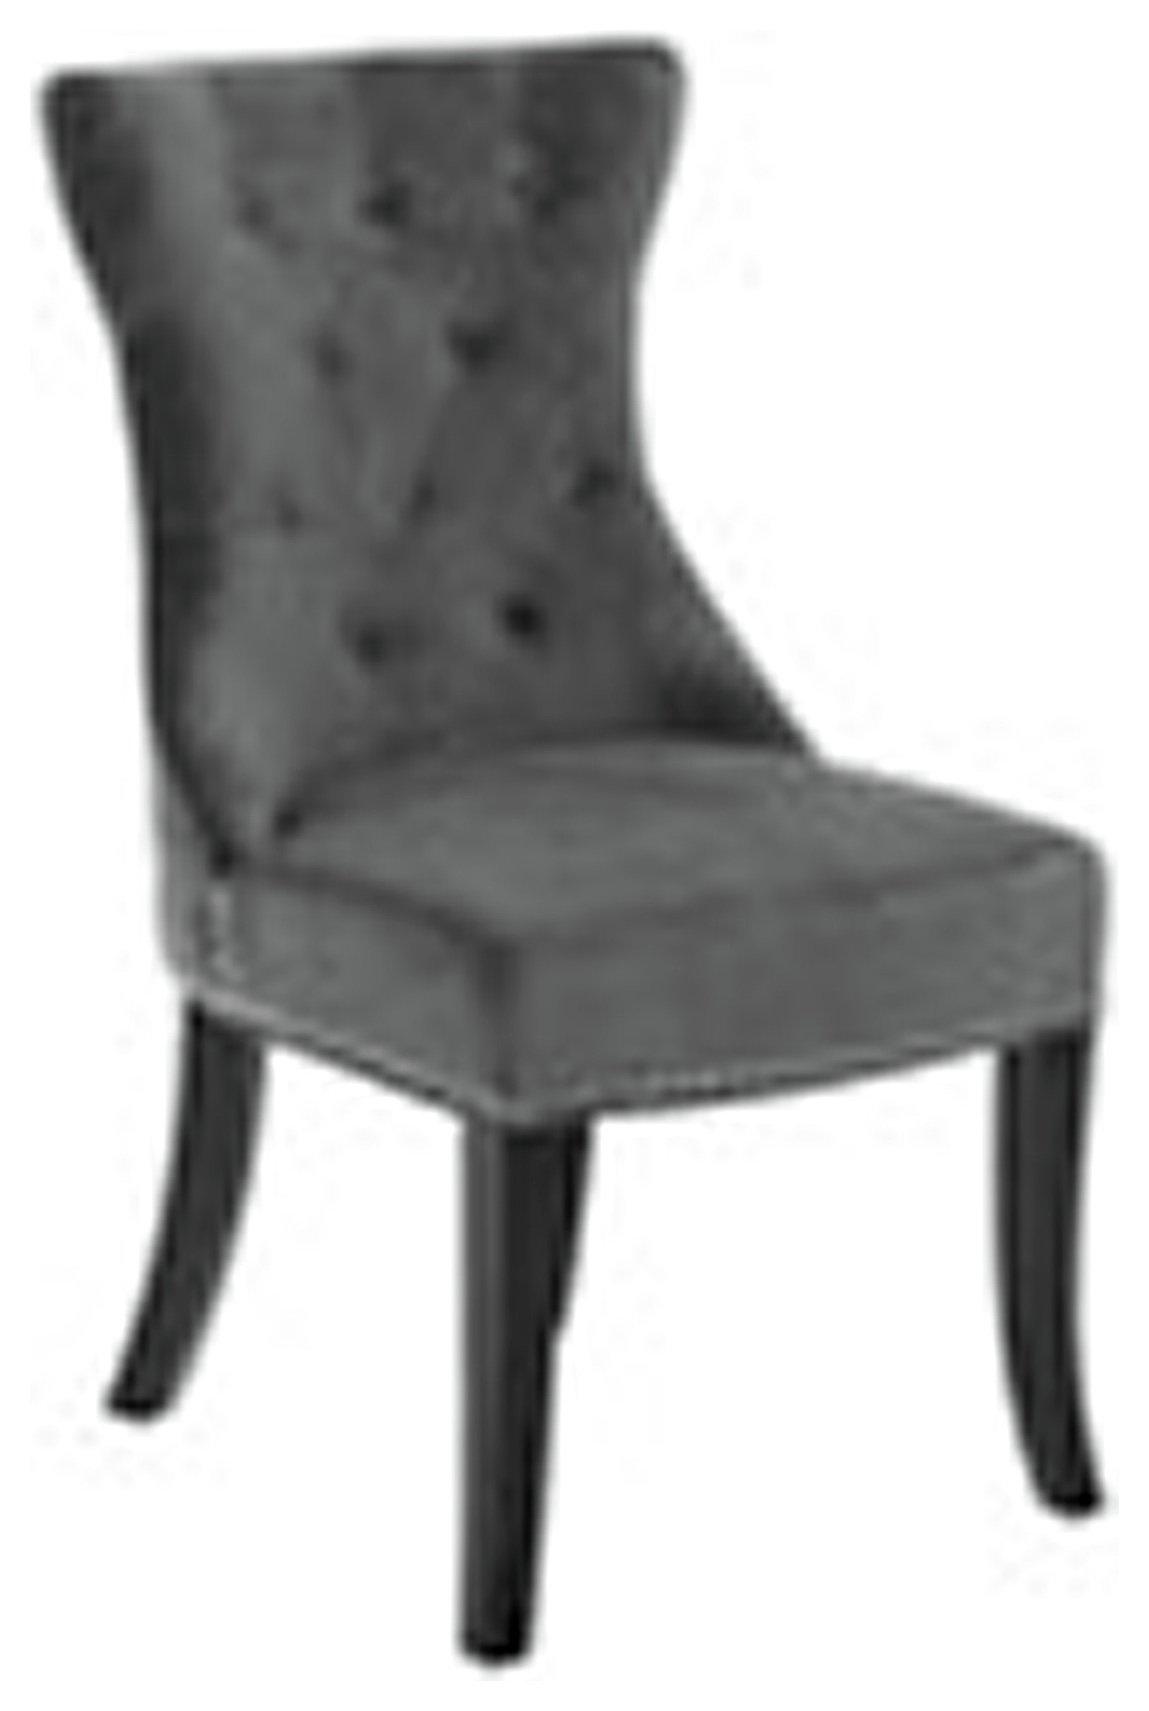 Premier Housewares Regents Park Dining Chair - Grey